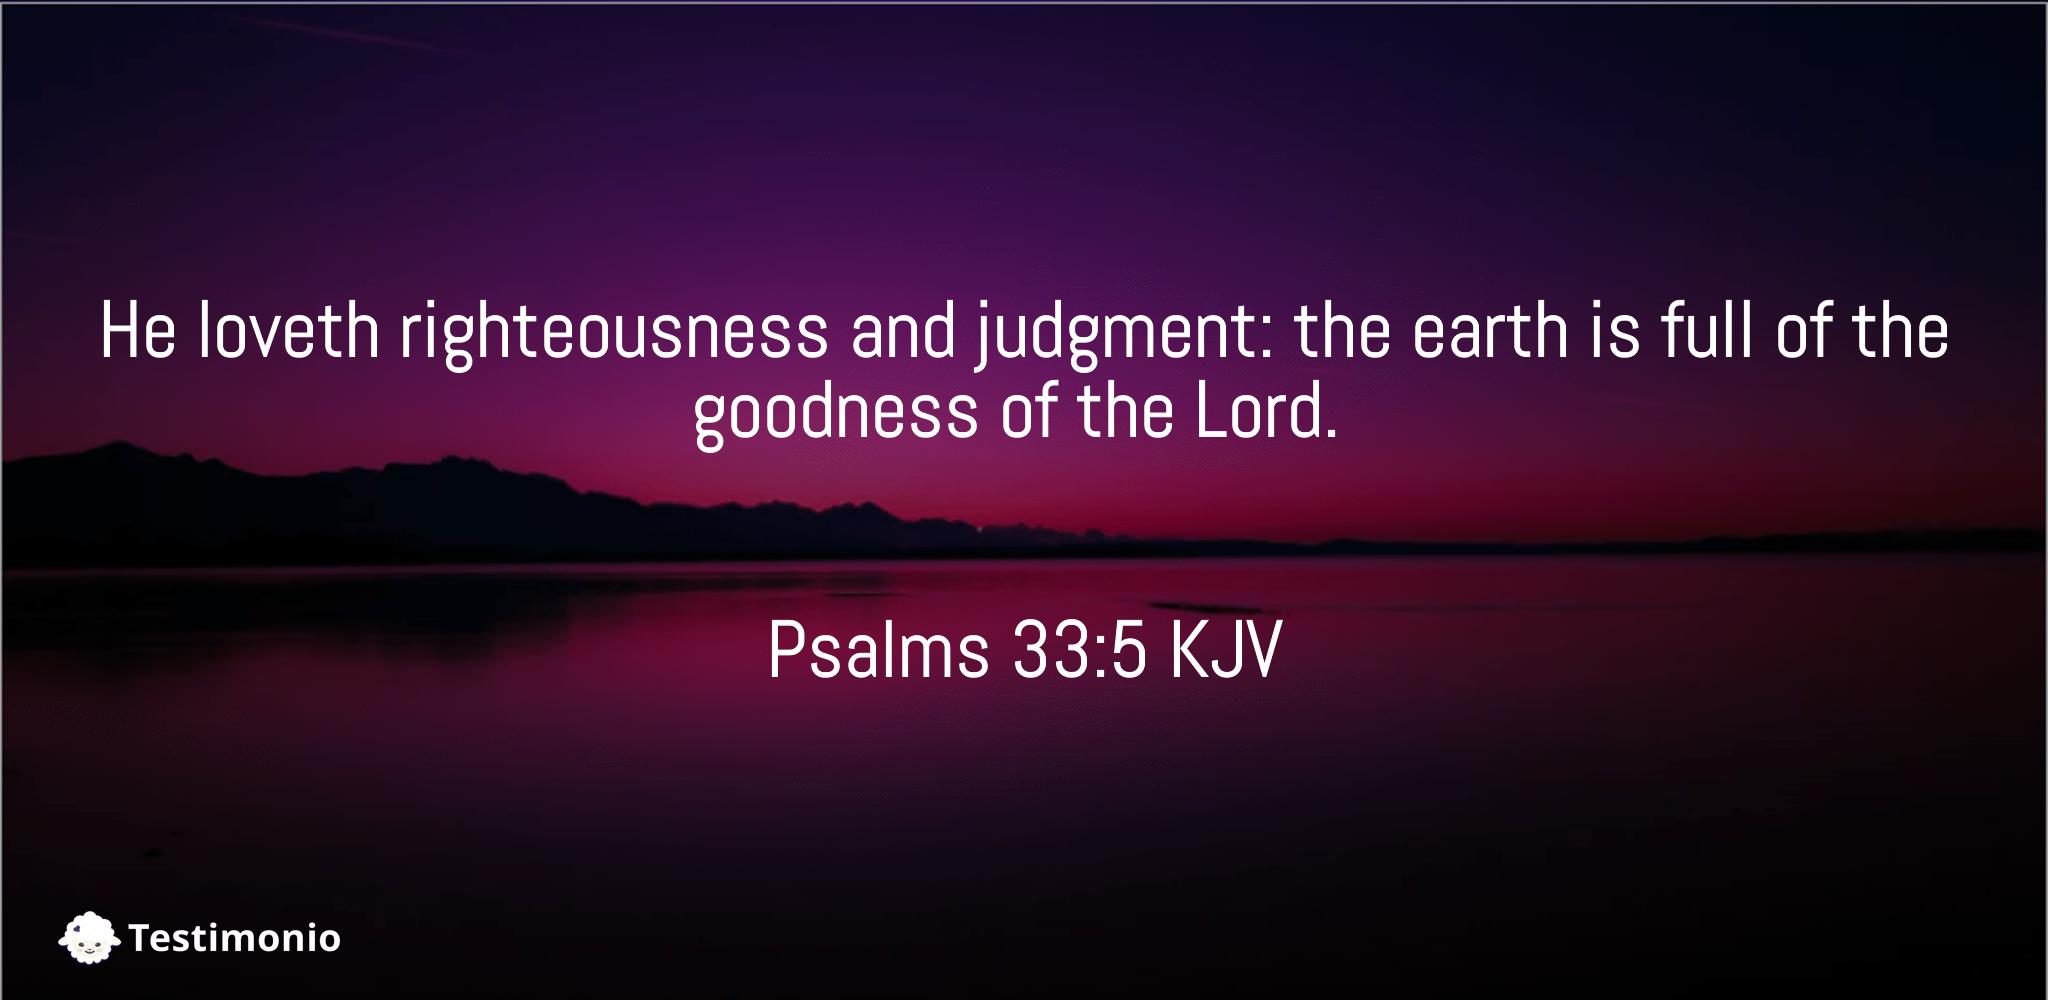 Psalms 33:5